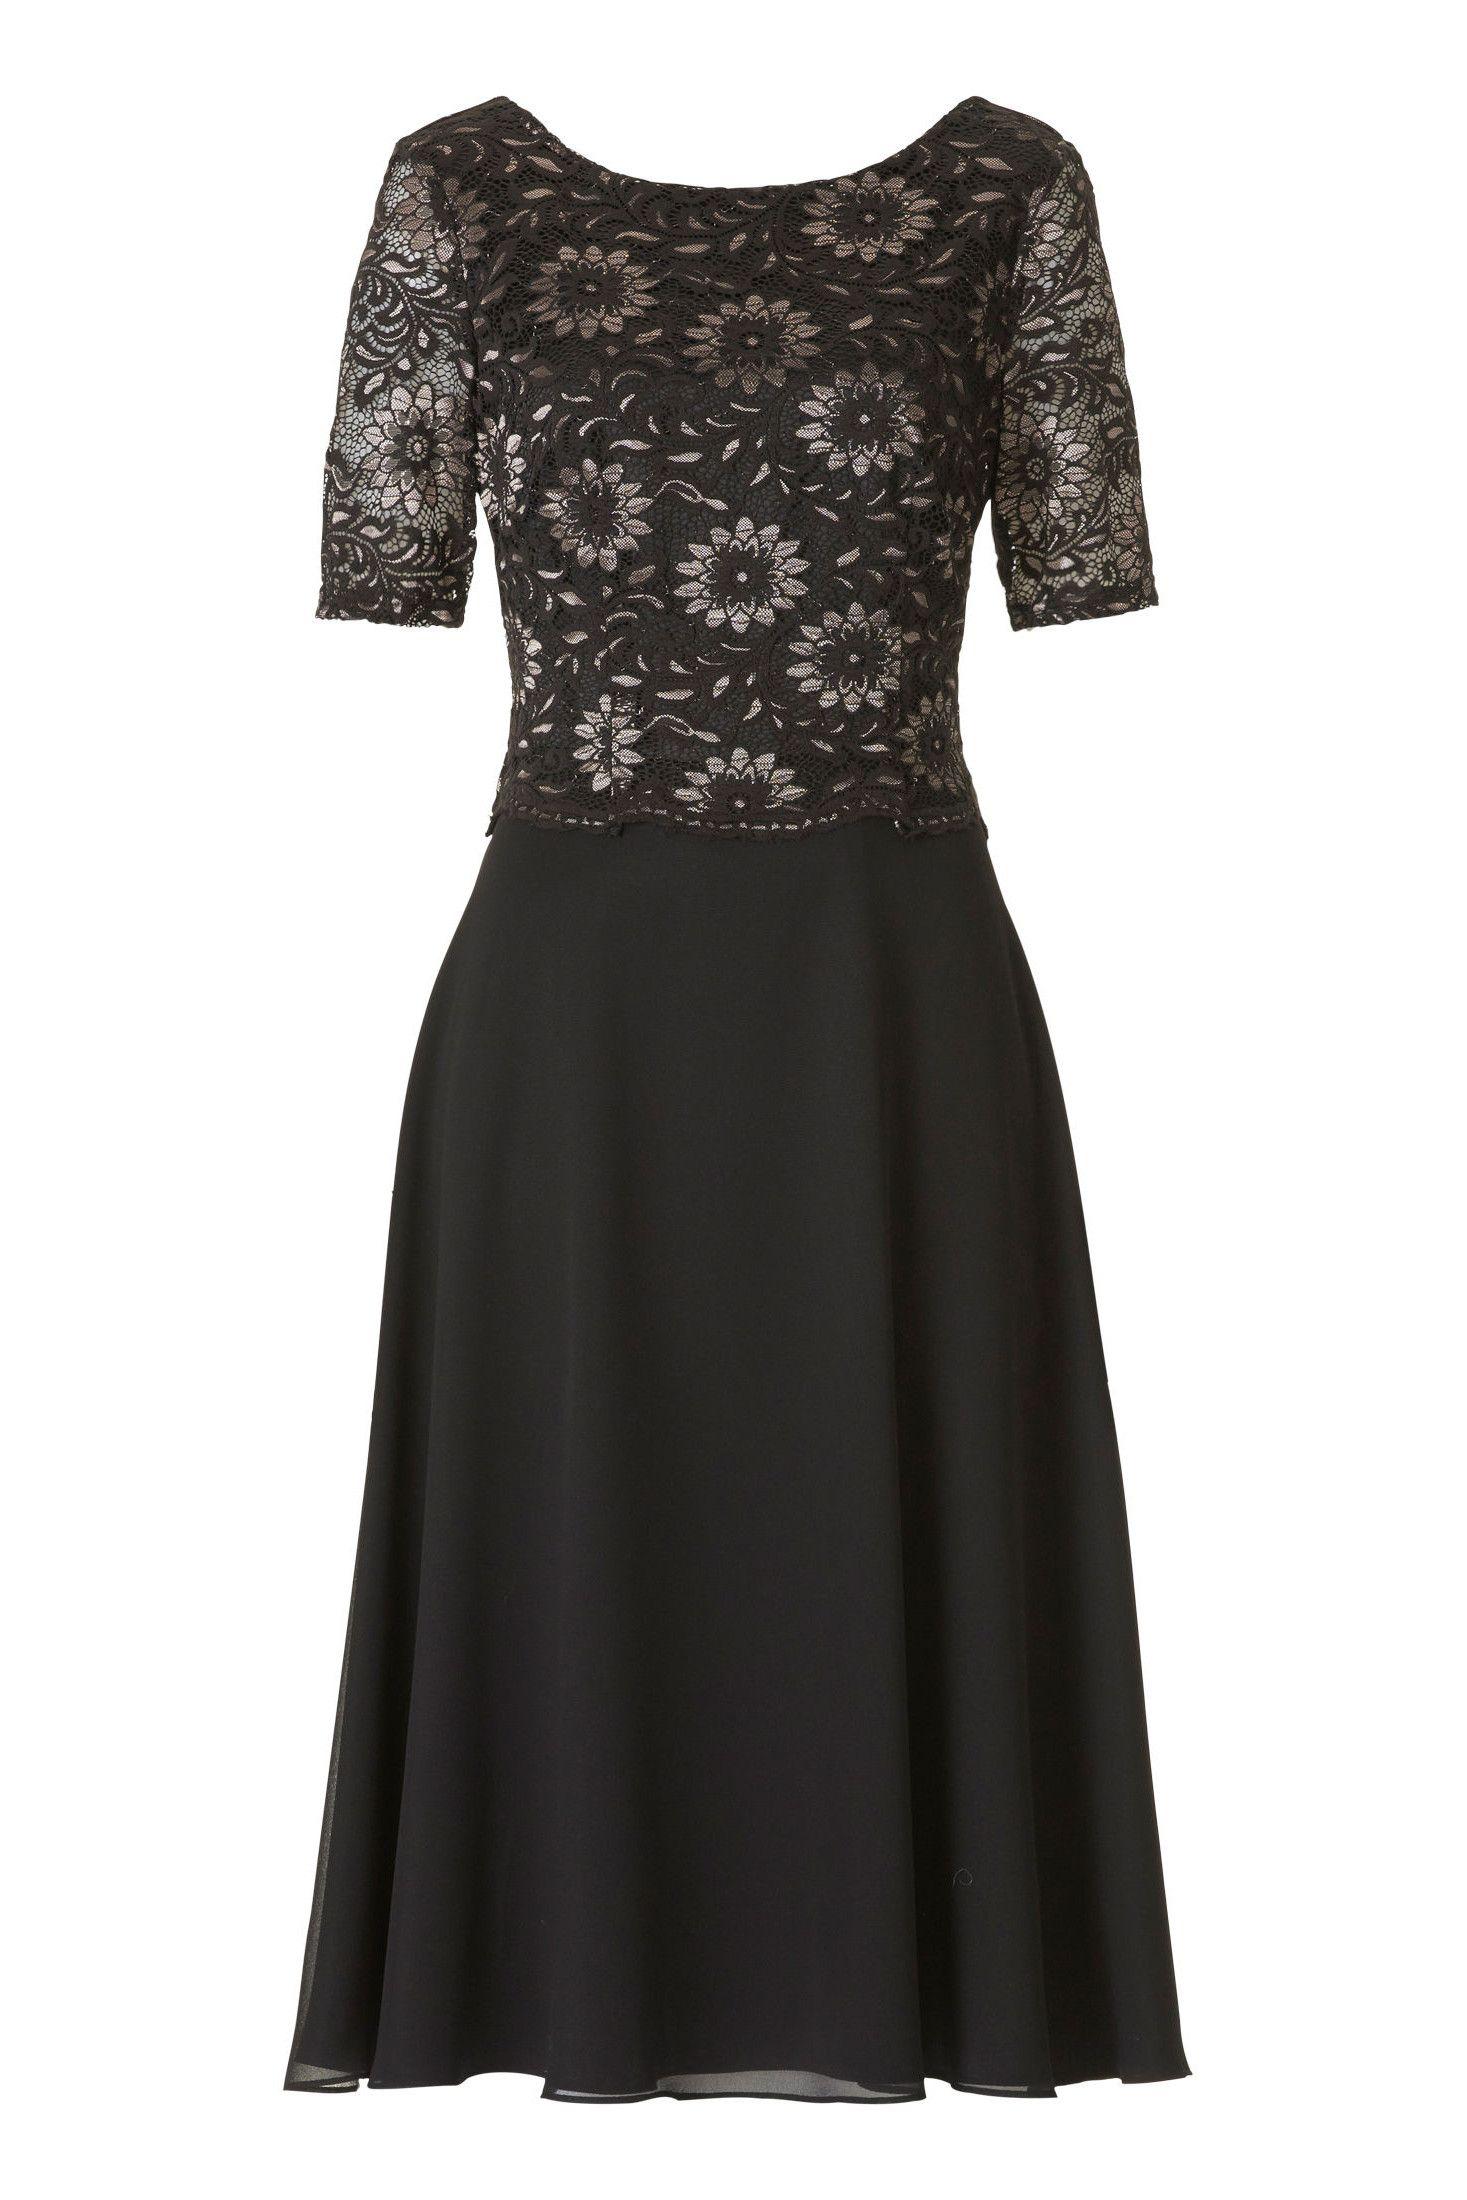 kurzes kleid mit Ärmel schwarz gold vera mont | mode